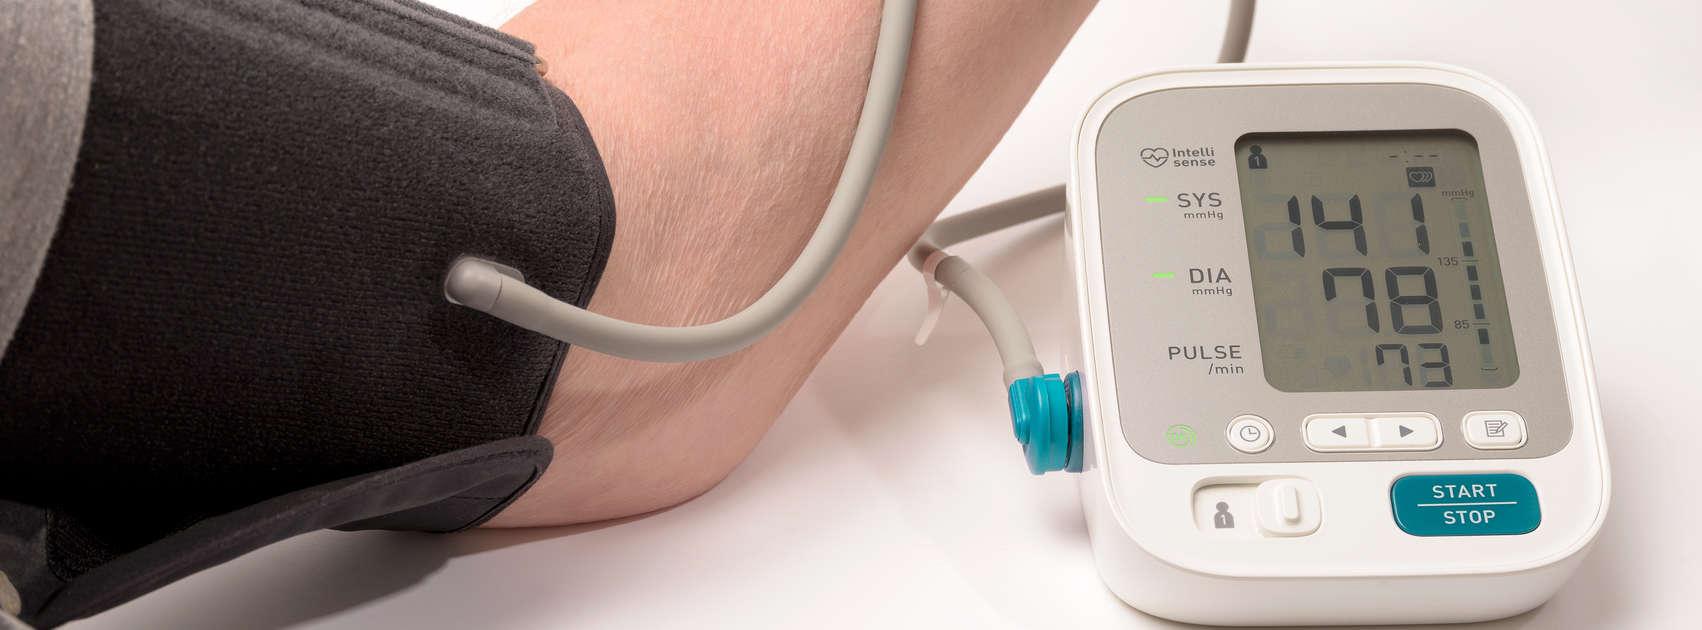 moniteur de pression sanguine